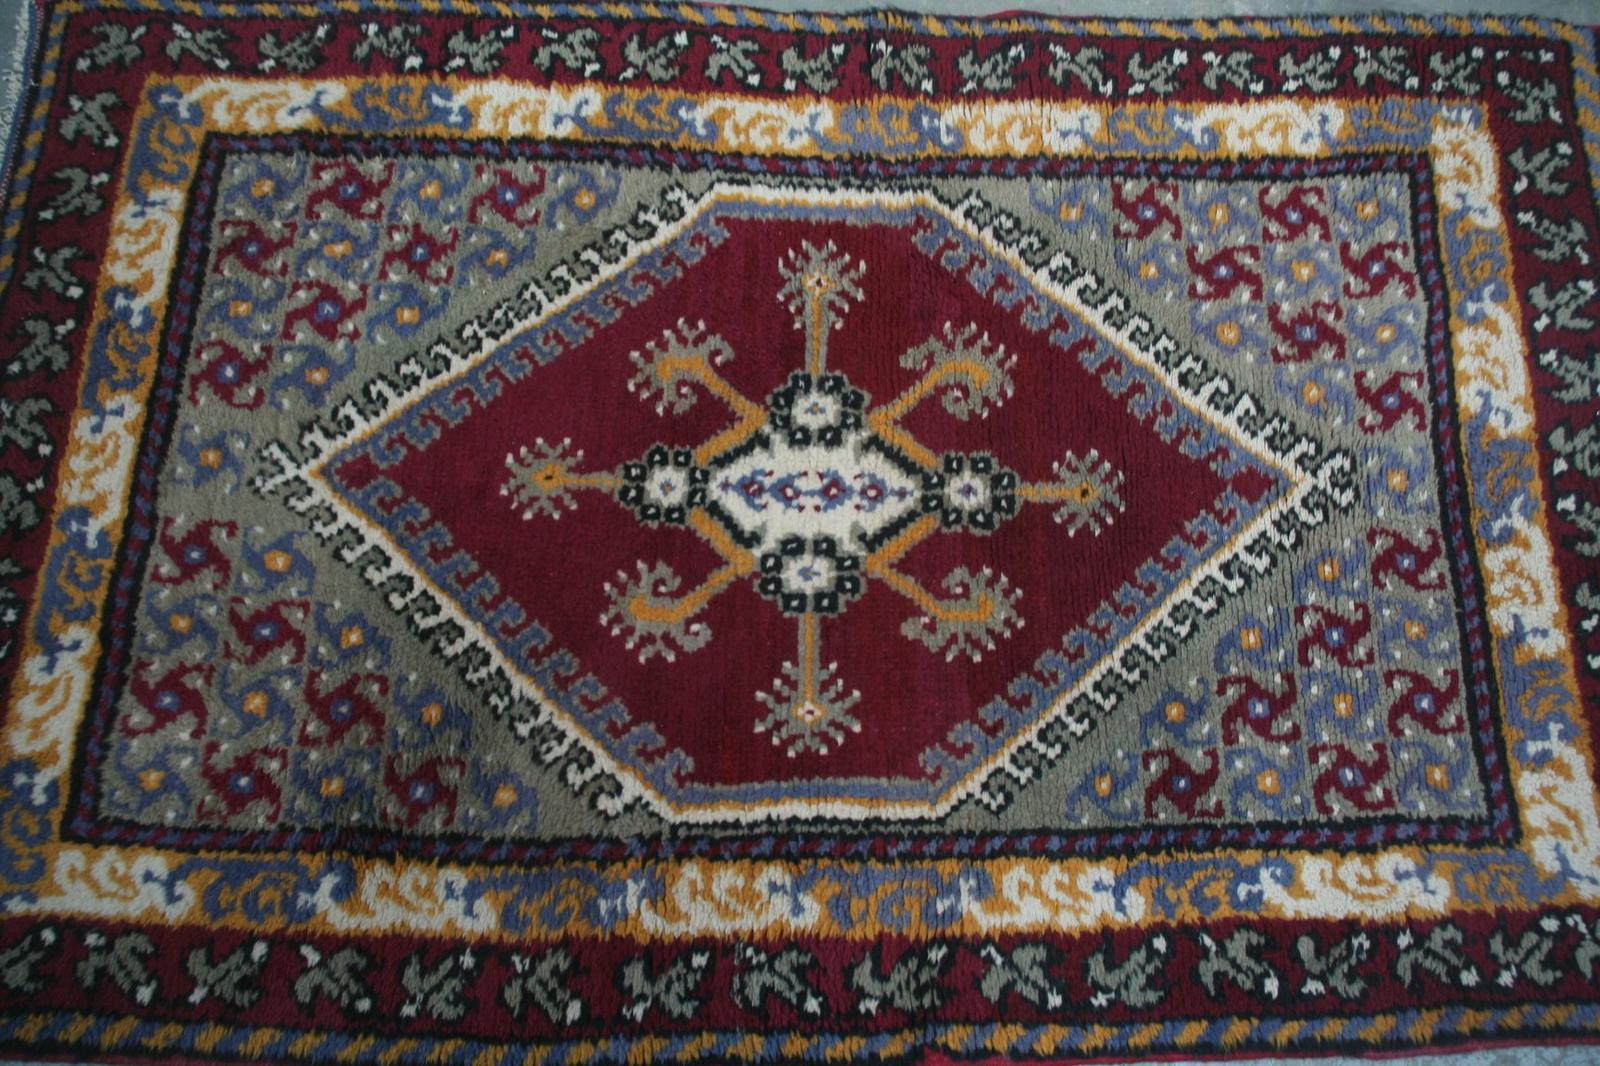 Tapis ancien tunisien kairouan 98x154 cm tapis d 39 orient tapisseries d 39 aubusson anciennes - Tapis roulant occasion tunisie ...